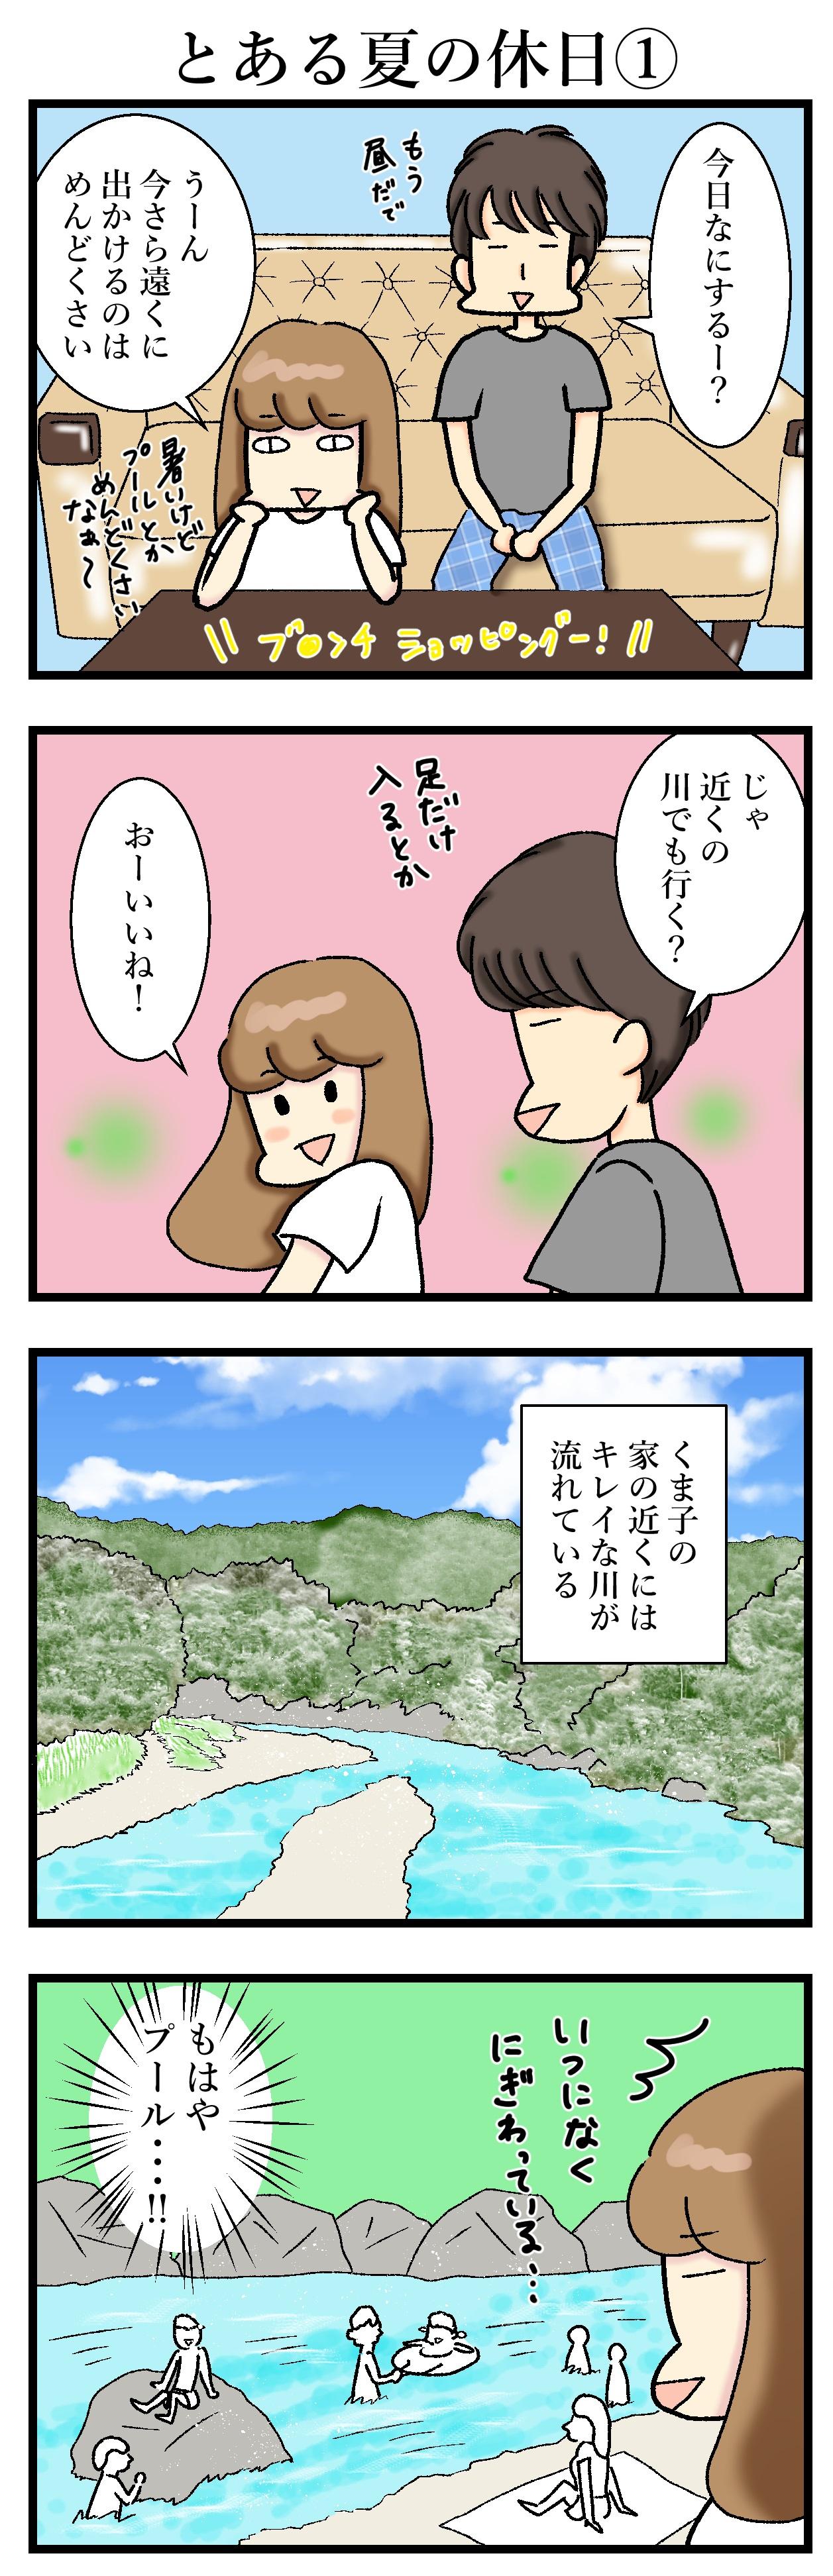 【エッセイ漫画】アラサー主婦くま子のふがいない日常(40)